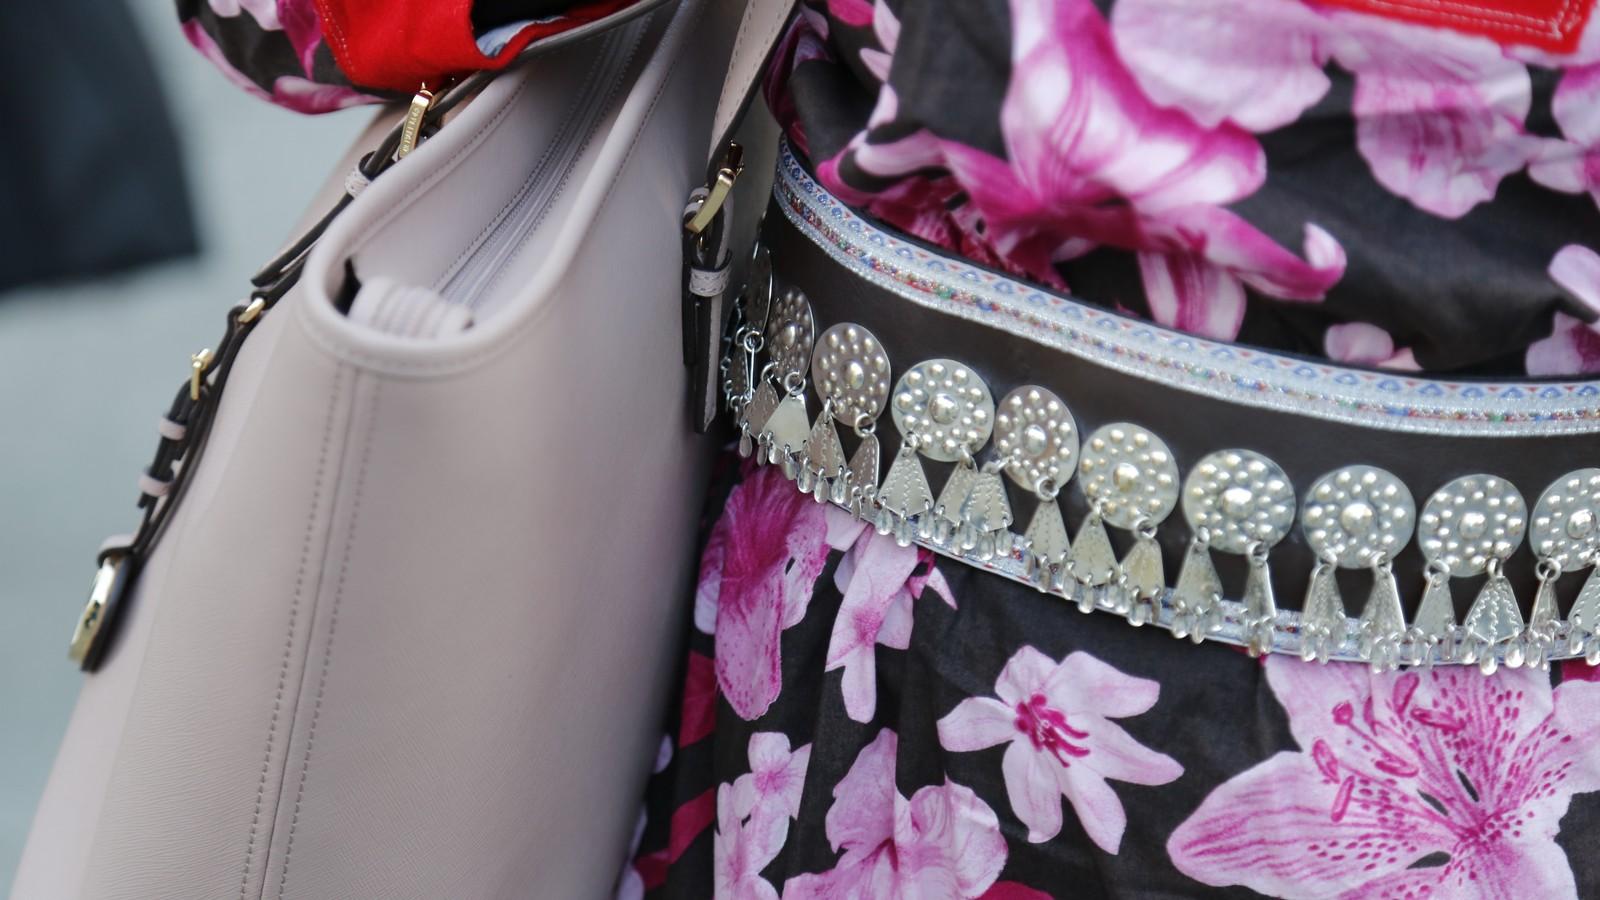 Nærbilde av storblomstrete samedrakt, belte med sølvknapper og en rosa veske. Man ser ikke kvinnen, kun kofta, beltet og veska.